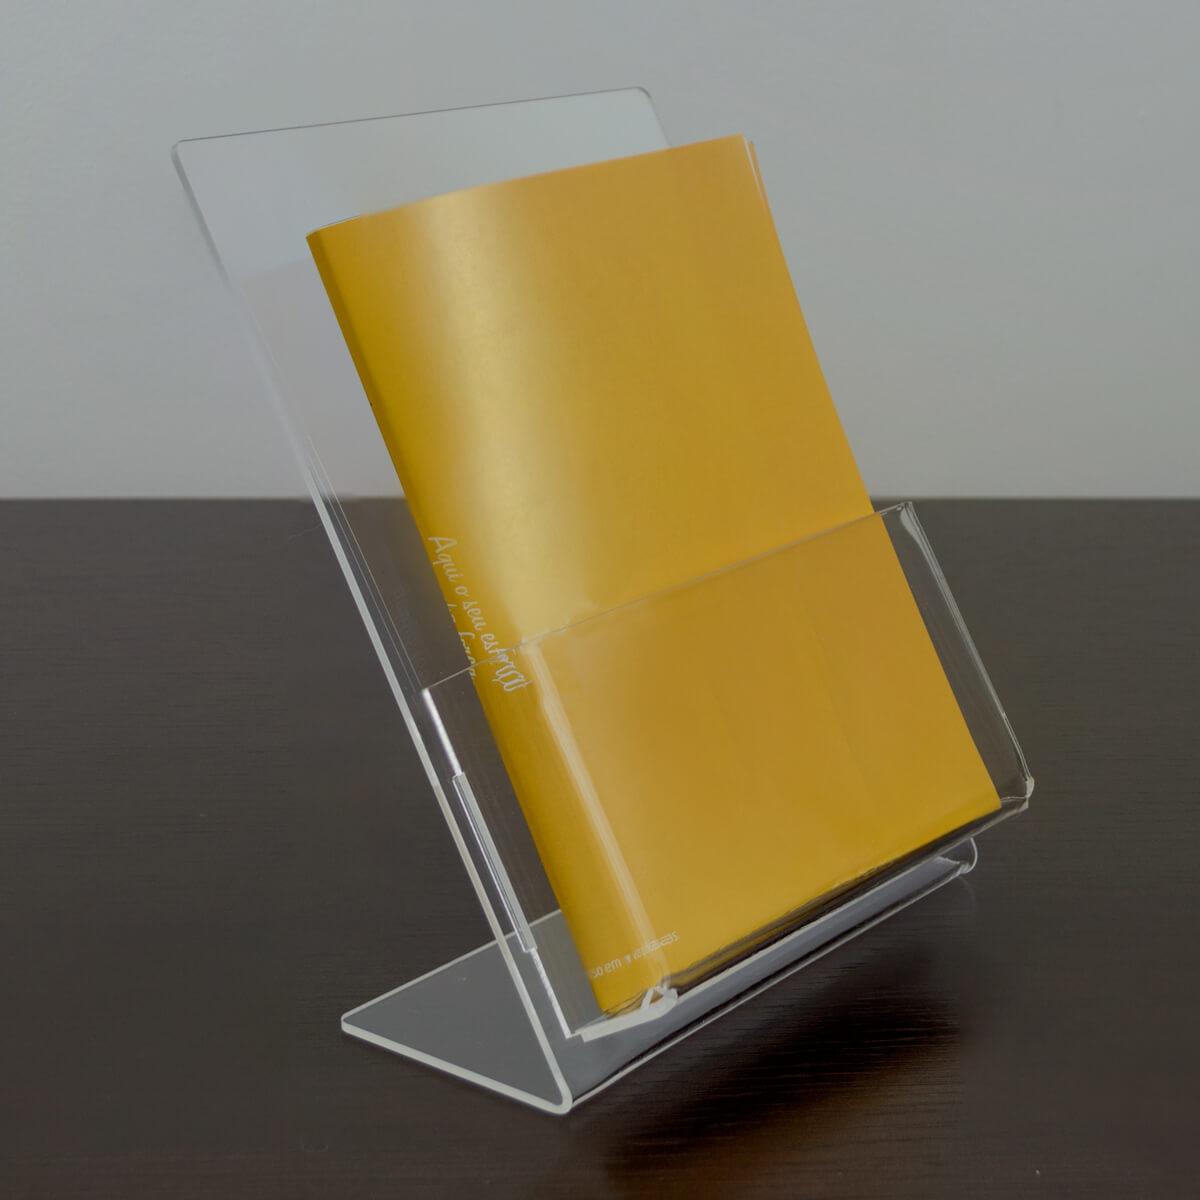 Porta folder A6 vertical de acrílico